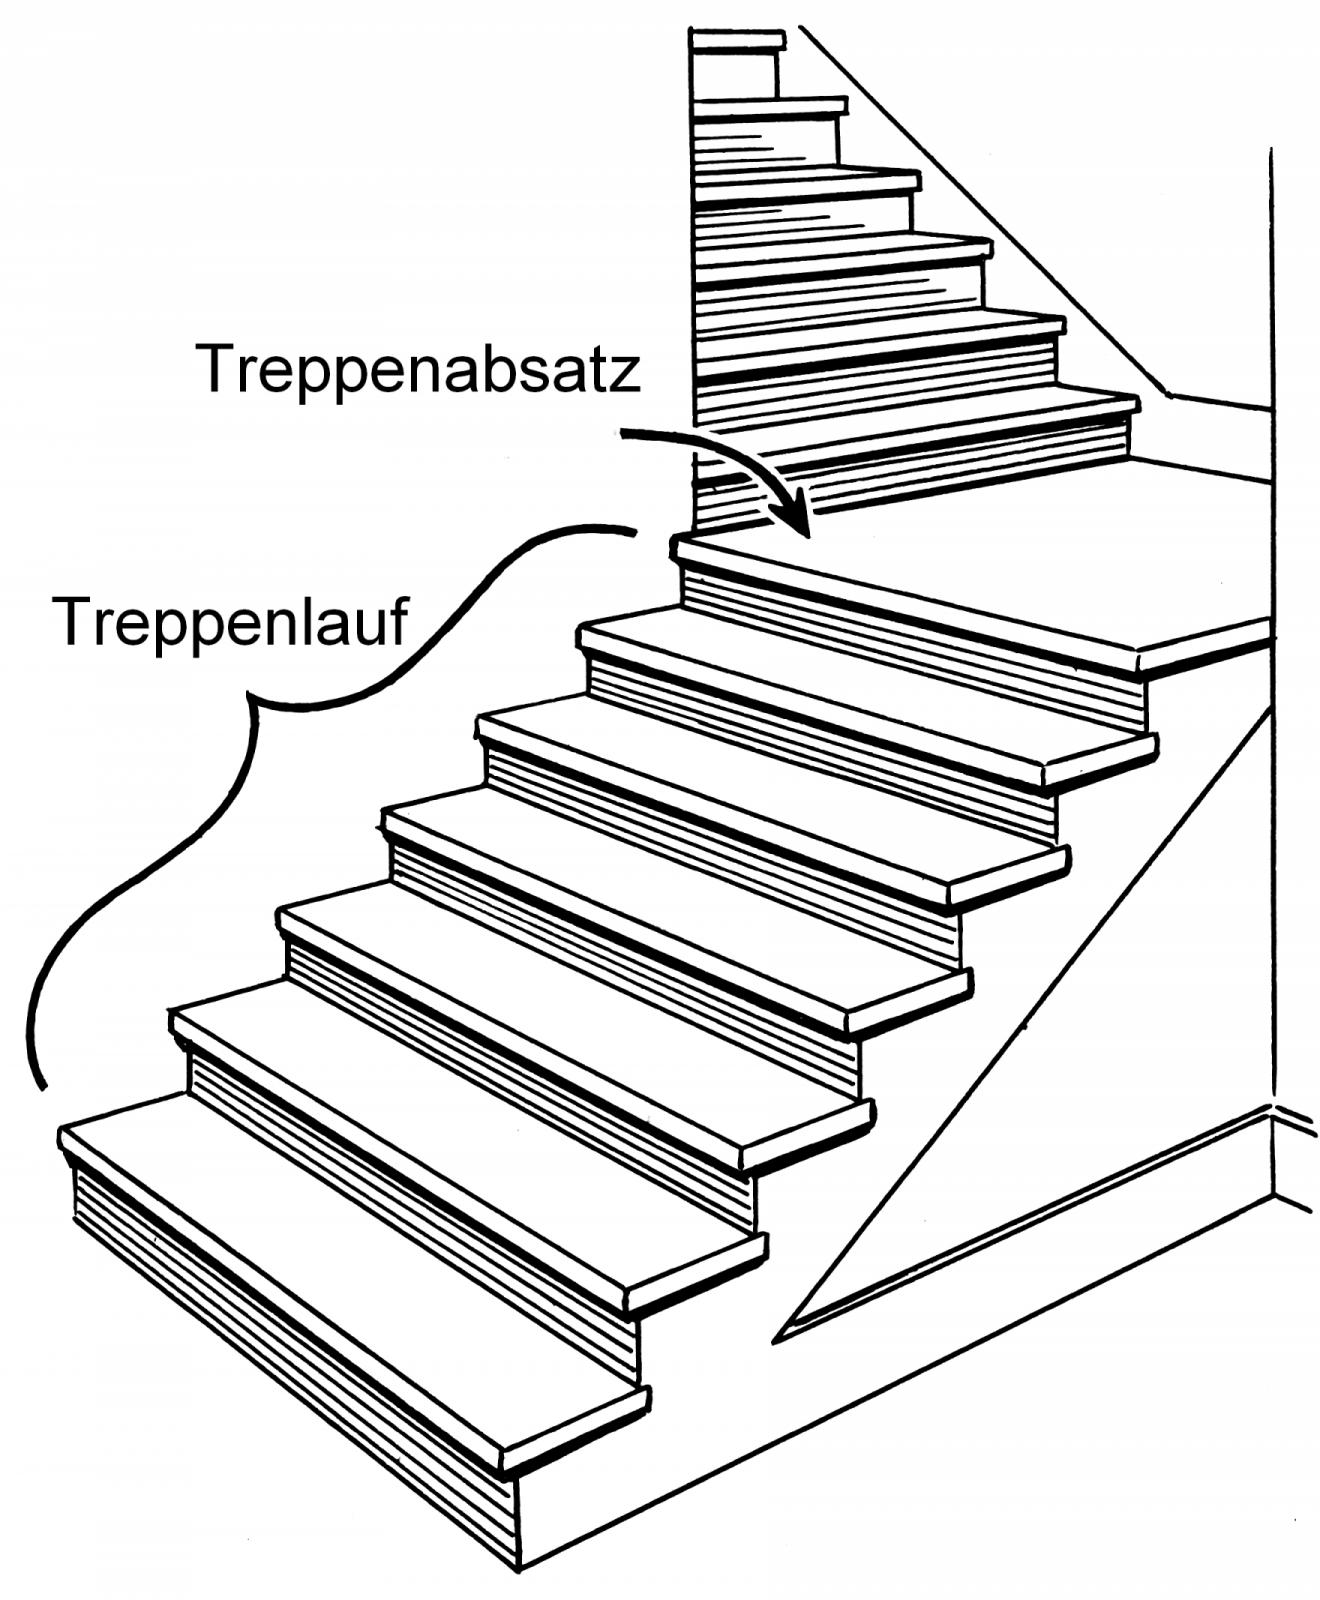 Treppenabsatz – Wikipedia von Treppe Mit Podest Berechnen Photo